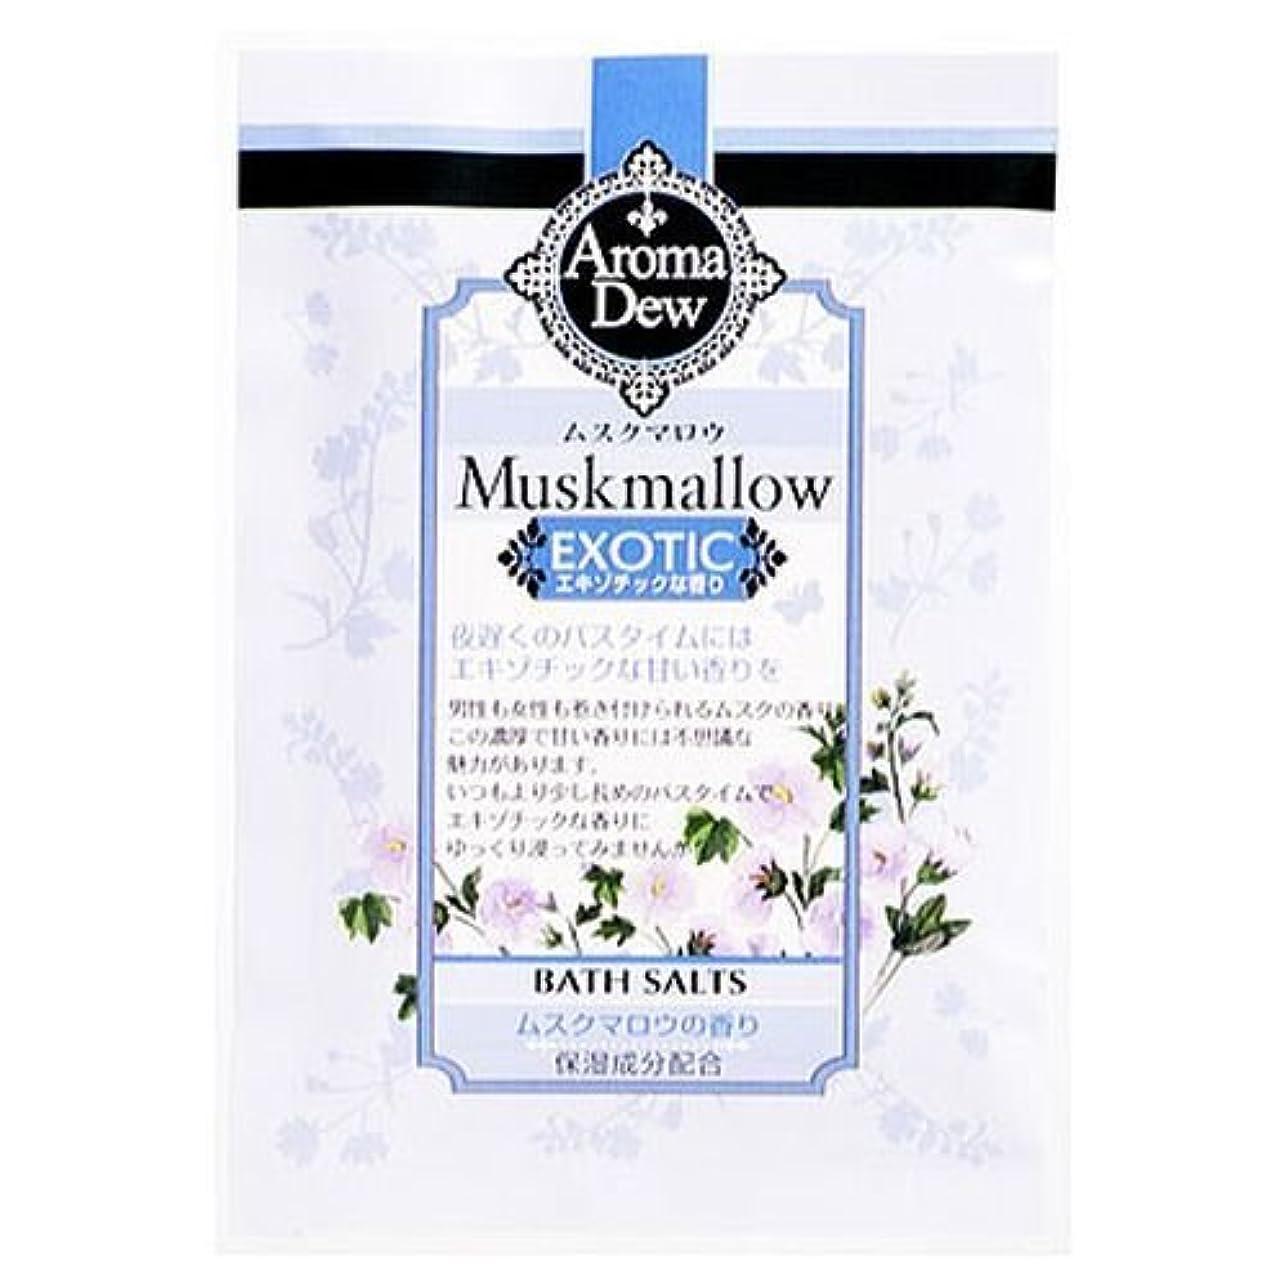 不良品文明ウミウシクロバーコーポレーション アロマデュウ バスソルト ムスクマロウの香り ムスクマロウ